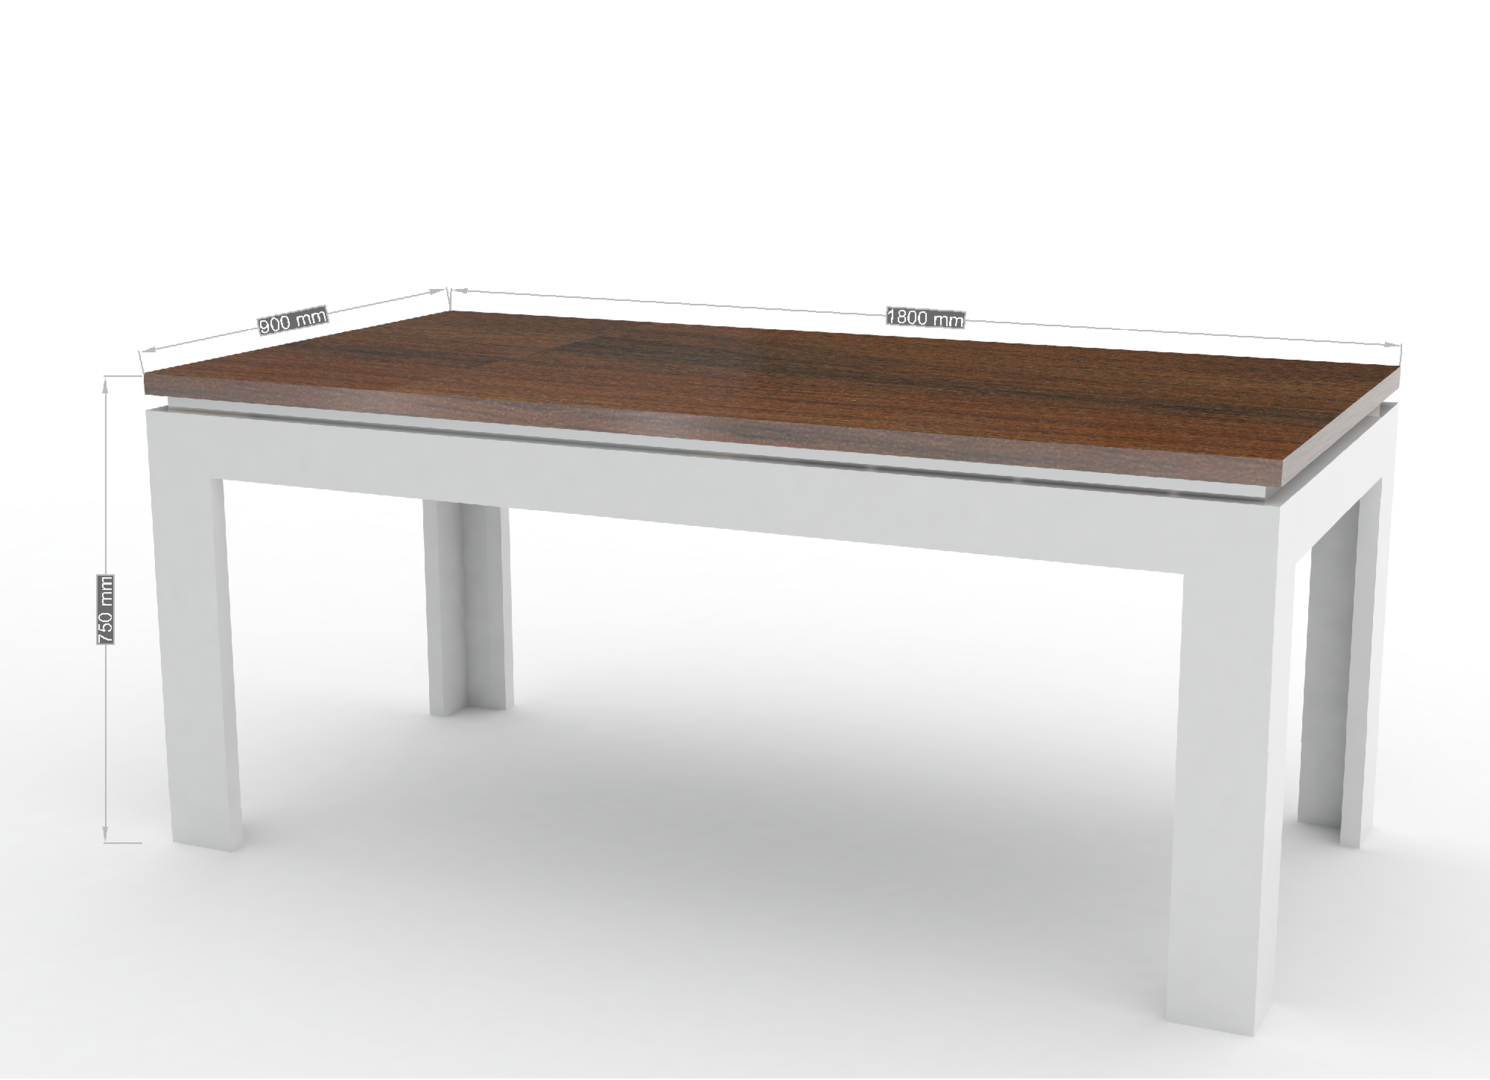 Tavolo moderno bianco messico mobile per sala da pranzo - Tavolo cucina moderno ...